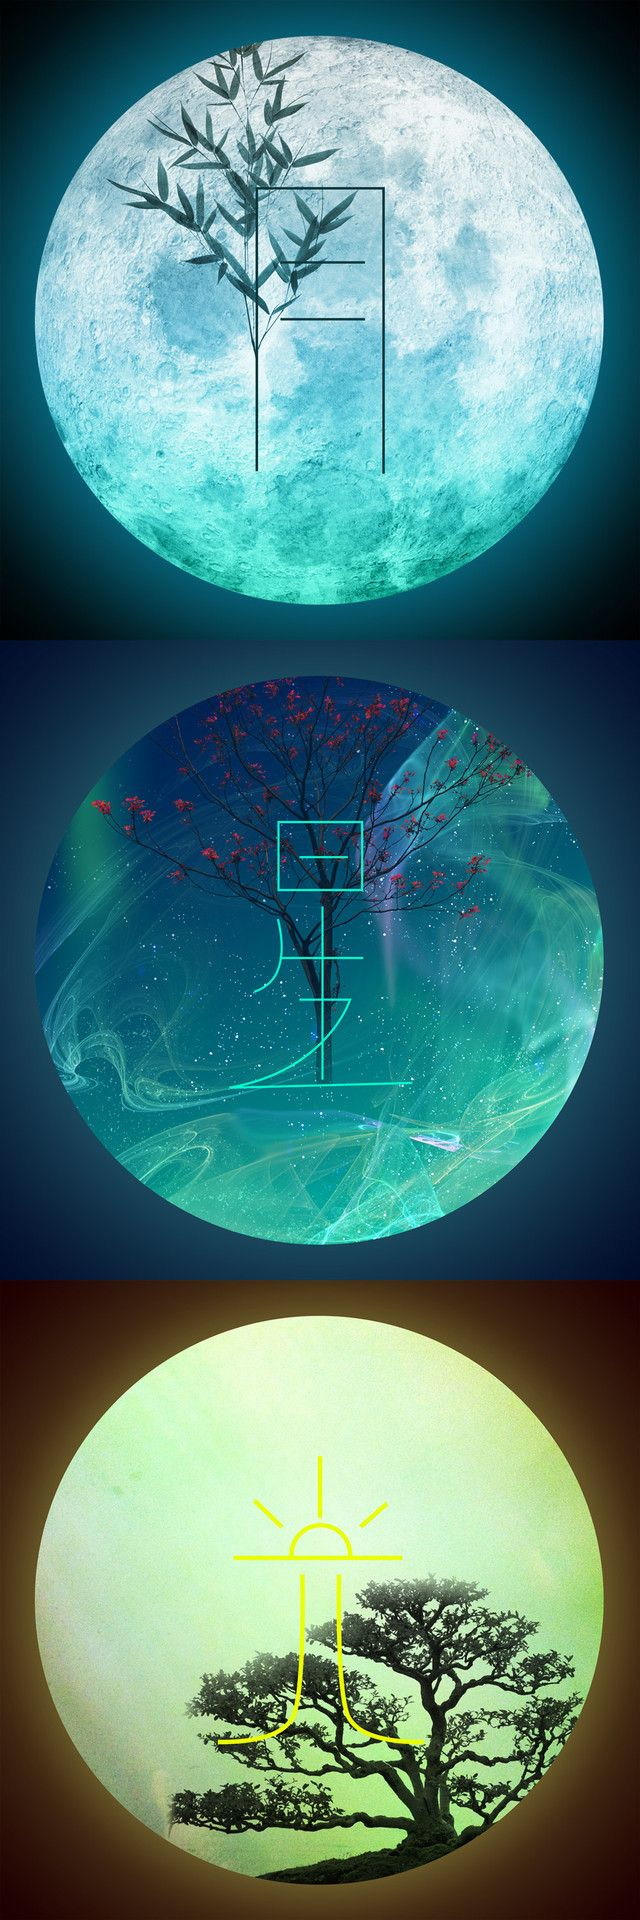 月星光 - shiiho | JAYPEG